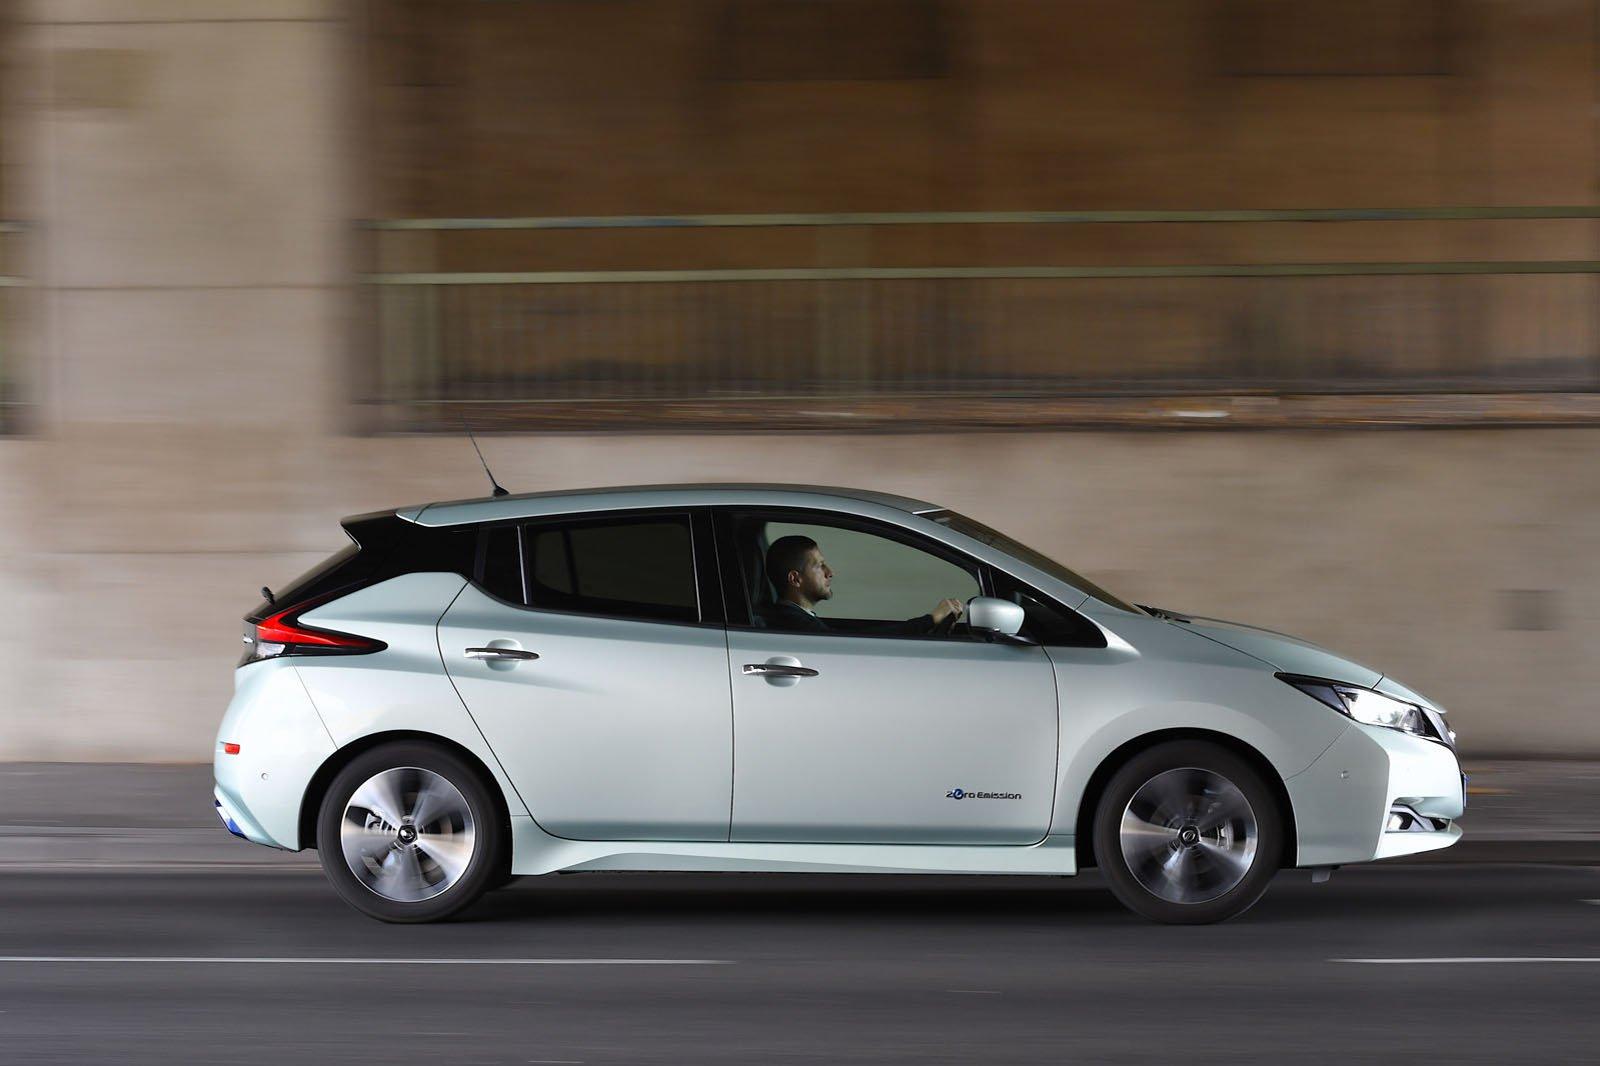 Hyundai Kona vs Nissan Leaf